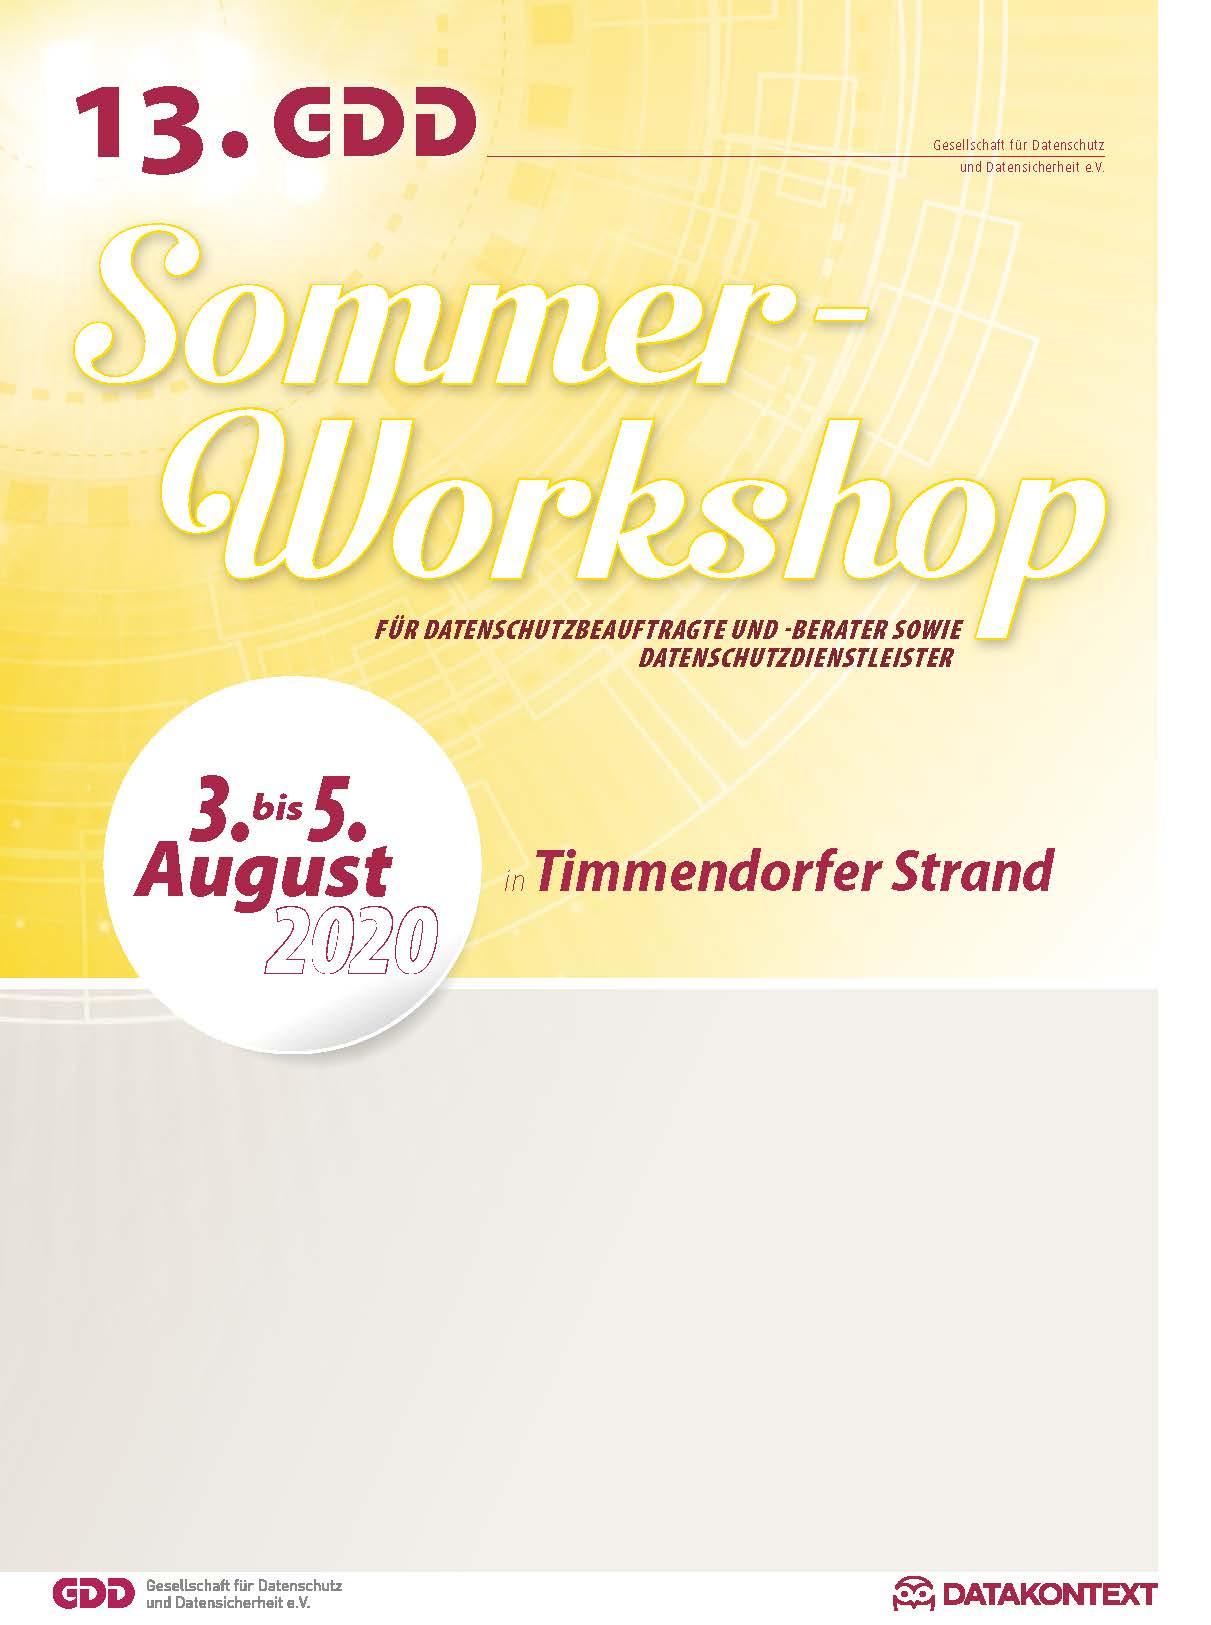 11. GDD-Sommer-Workshop für Datenschutzbeauftragte und -berater sowie Datenschutzdienstleister